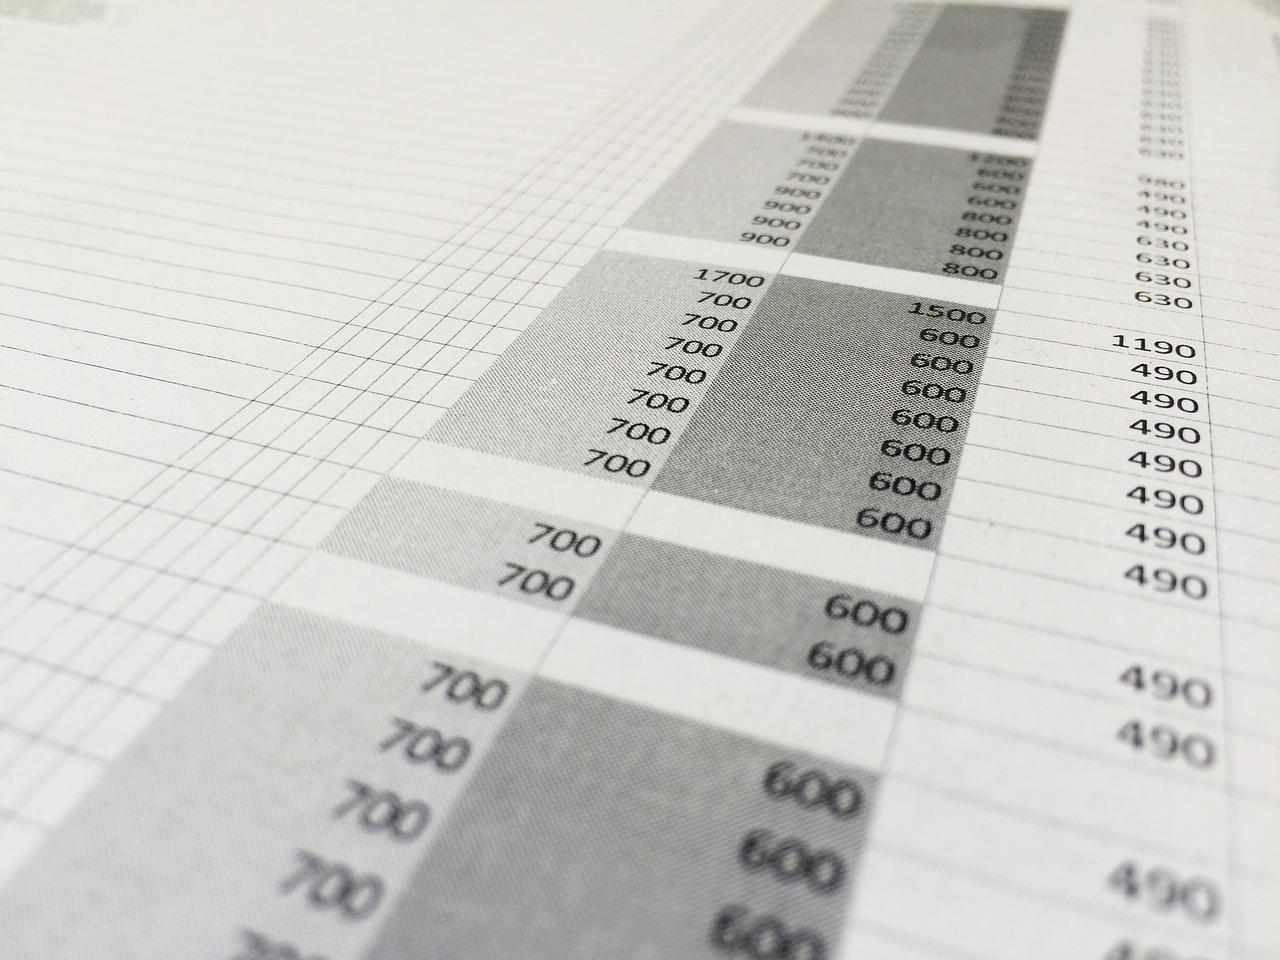 Filtrowanie według kolorów w Excelu